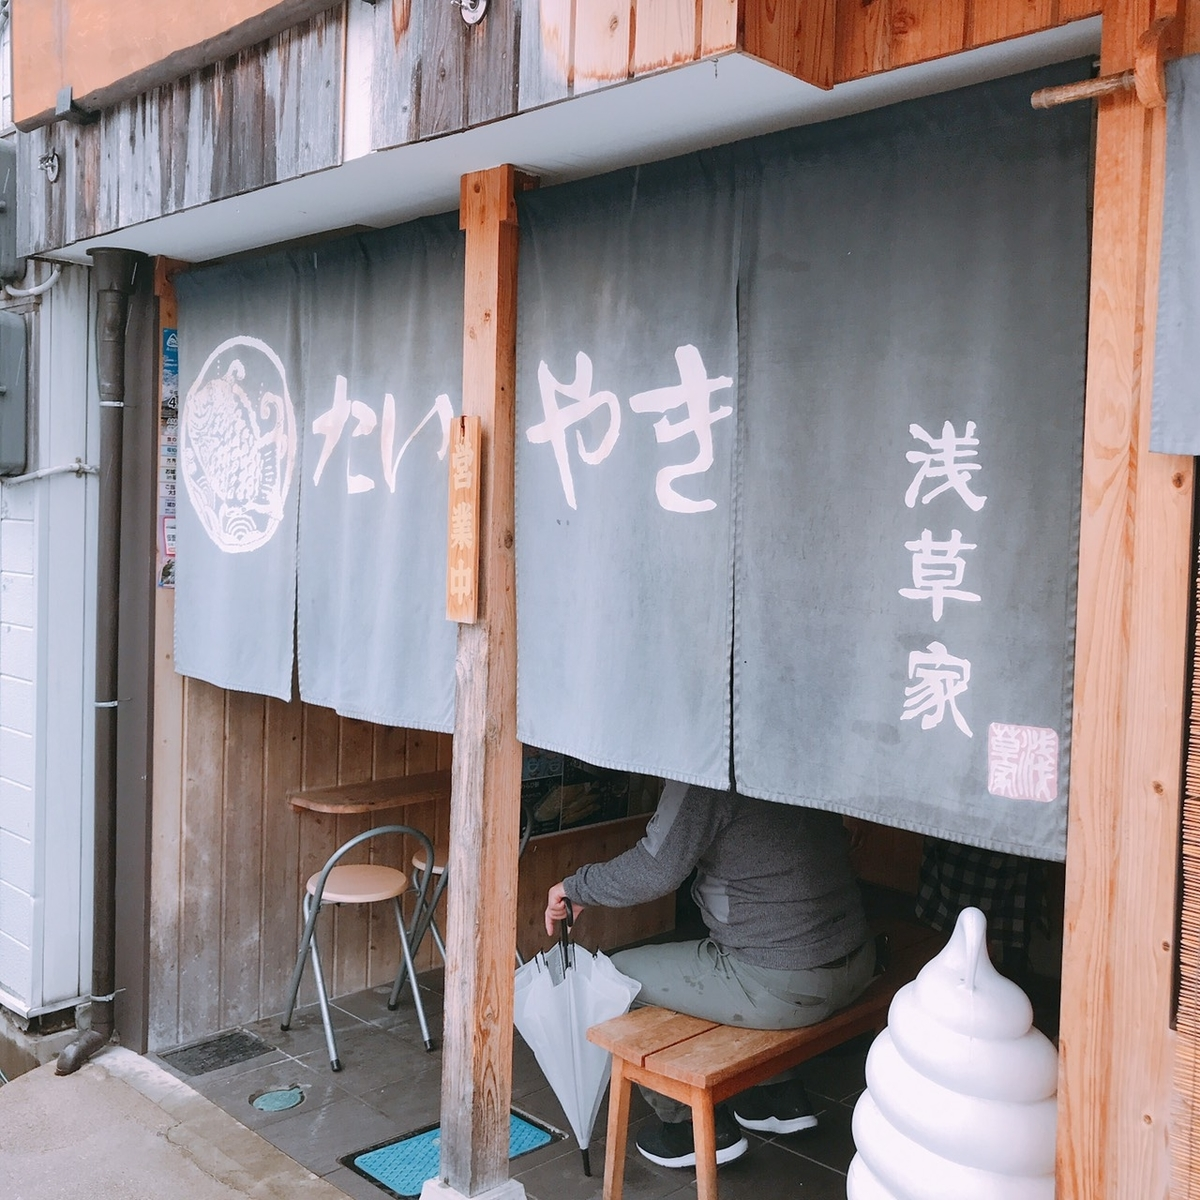 f:id:atsush-atsushi:20190415160047j:plain